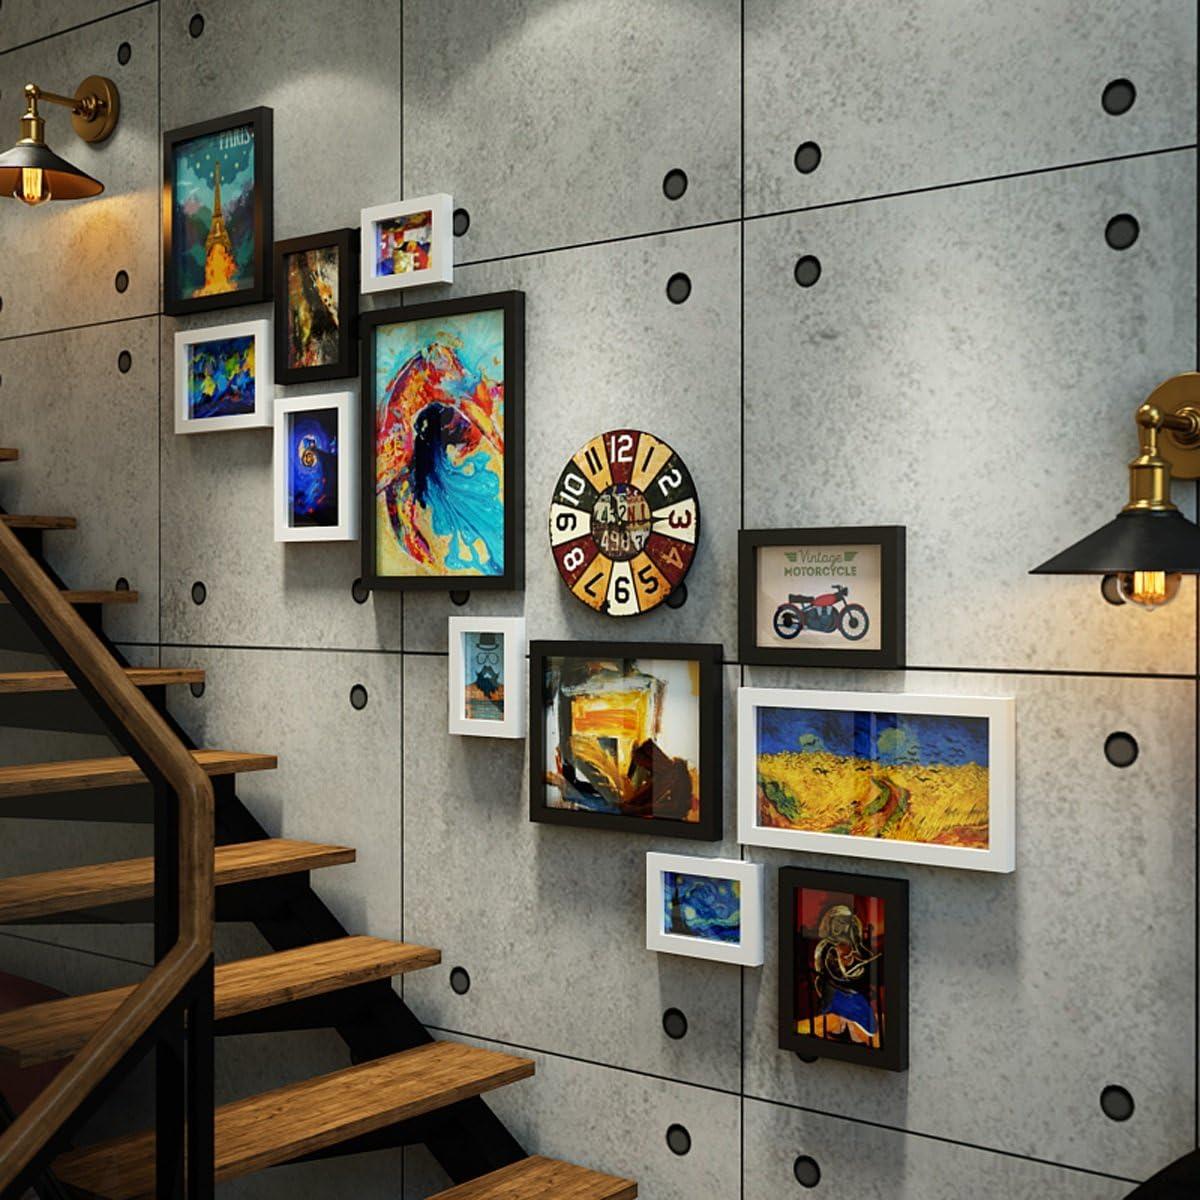 QXX Marco de Fotos Collage Foto Pared Loft Industrial Estilo Escalera Combinación Marco Pared Retro Reloj Fondo Pared Decorativo Pintura 12 Marco, Negro + Blanco (54.7 * 48.4 Pulgadas): Amazon.es: Hogar